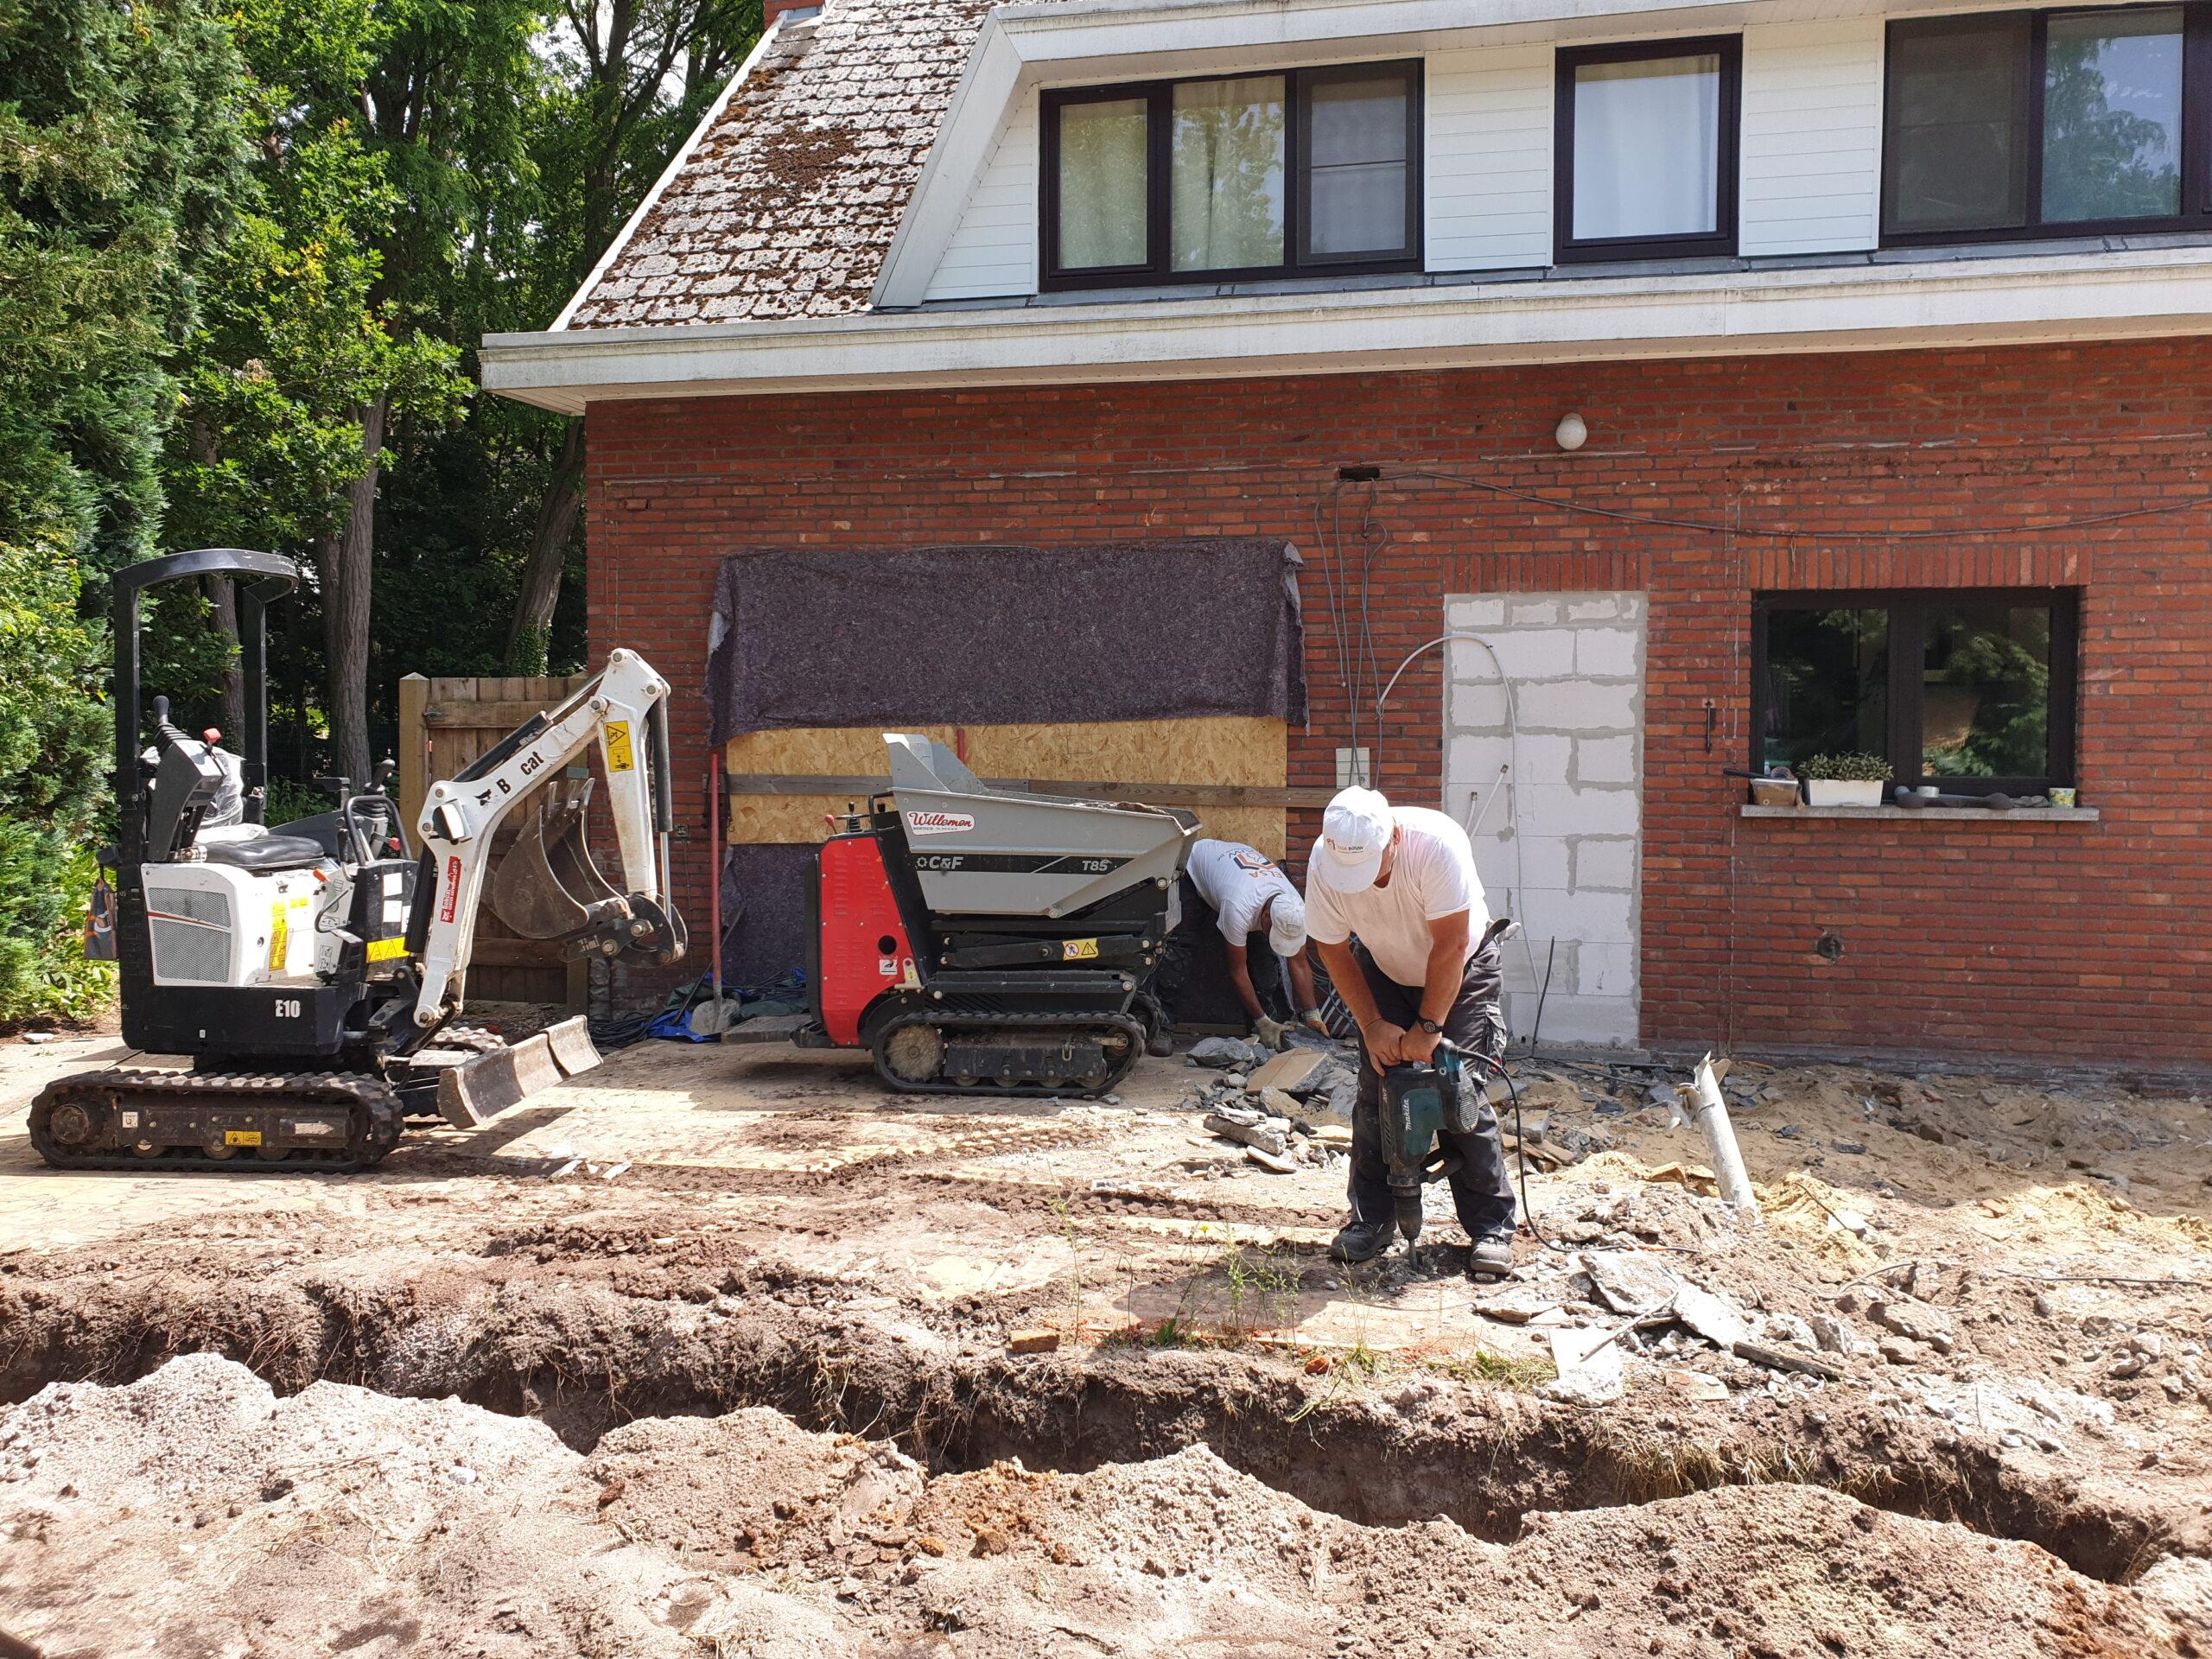 Aanbouw - Aannemer verbouwingen en renovaties - Entrepreneur transformations et rénovations